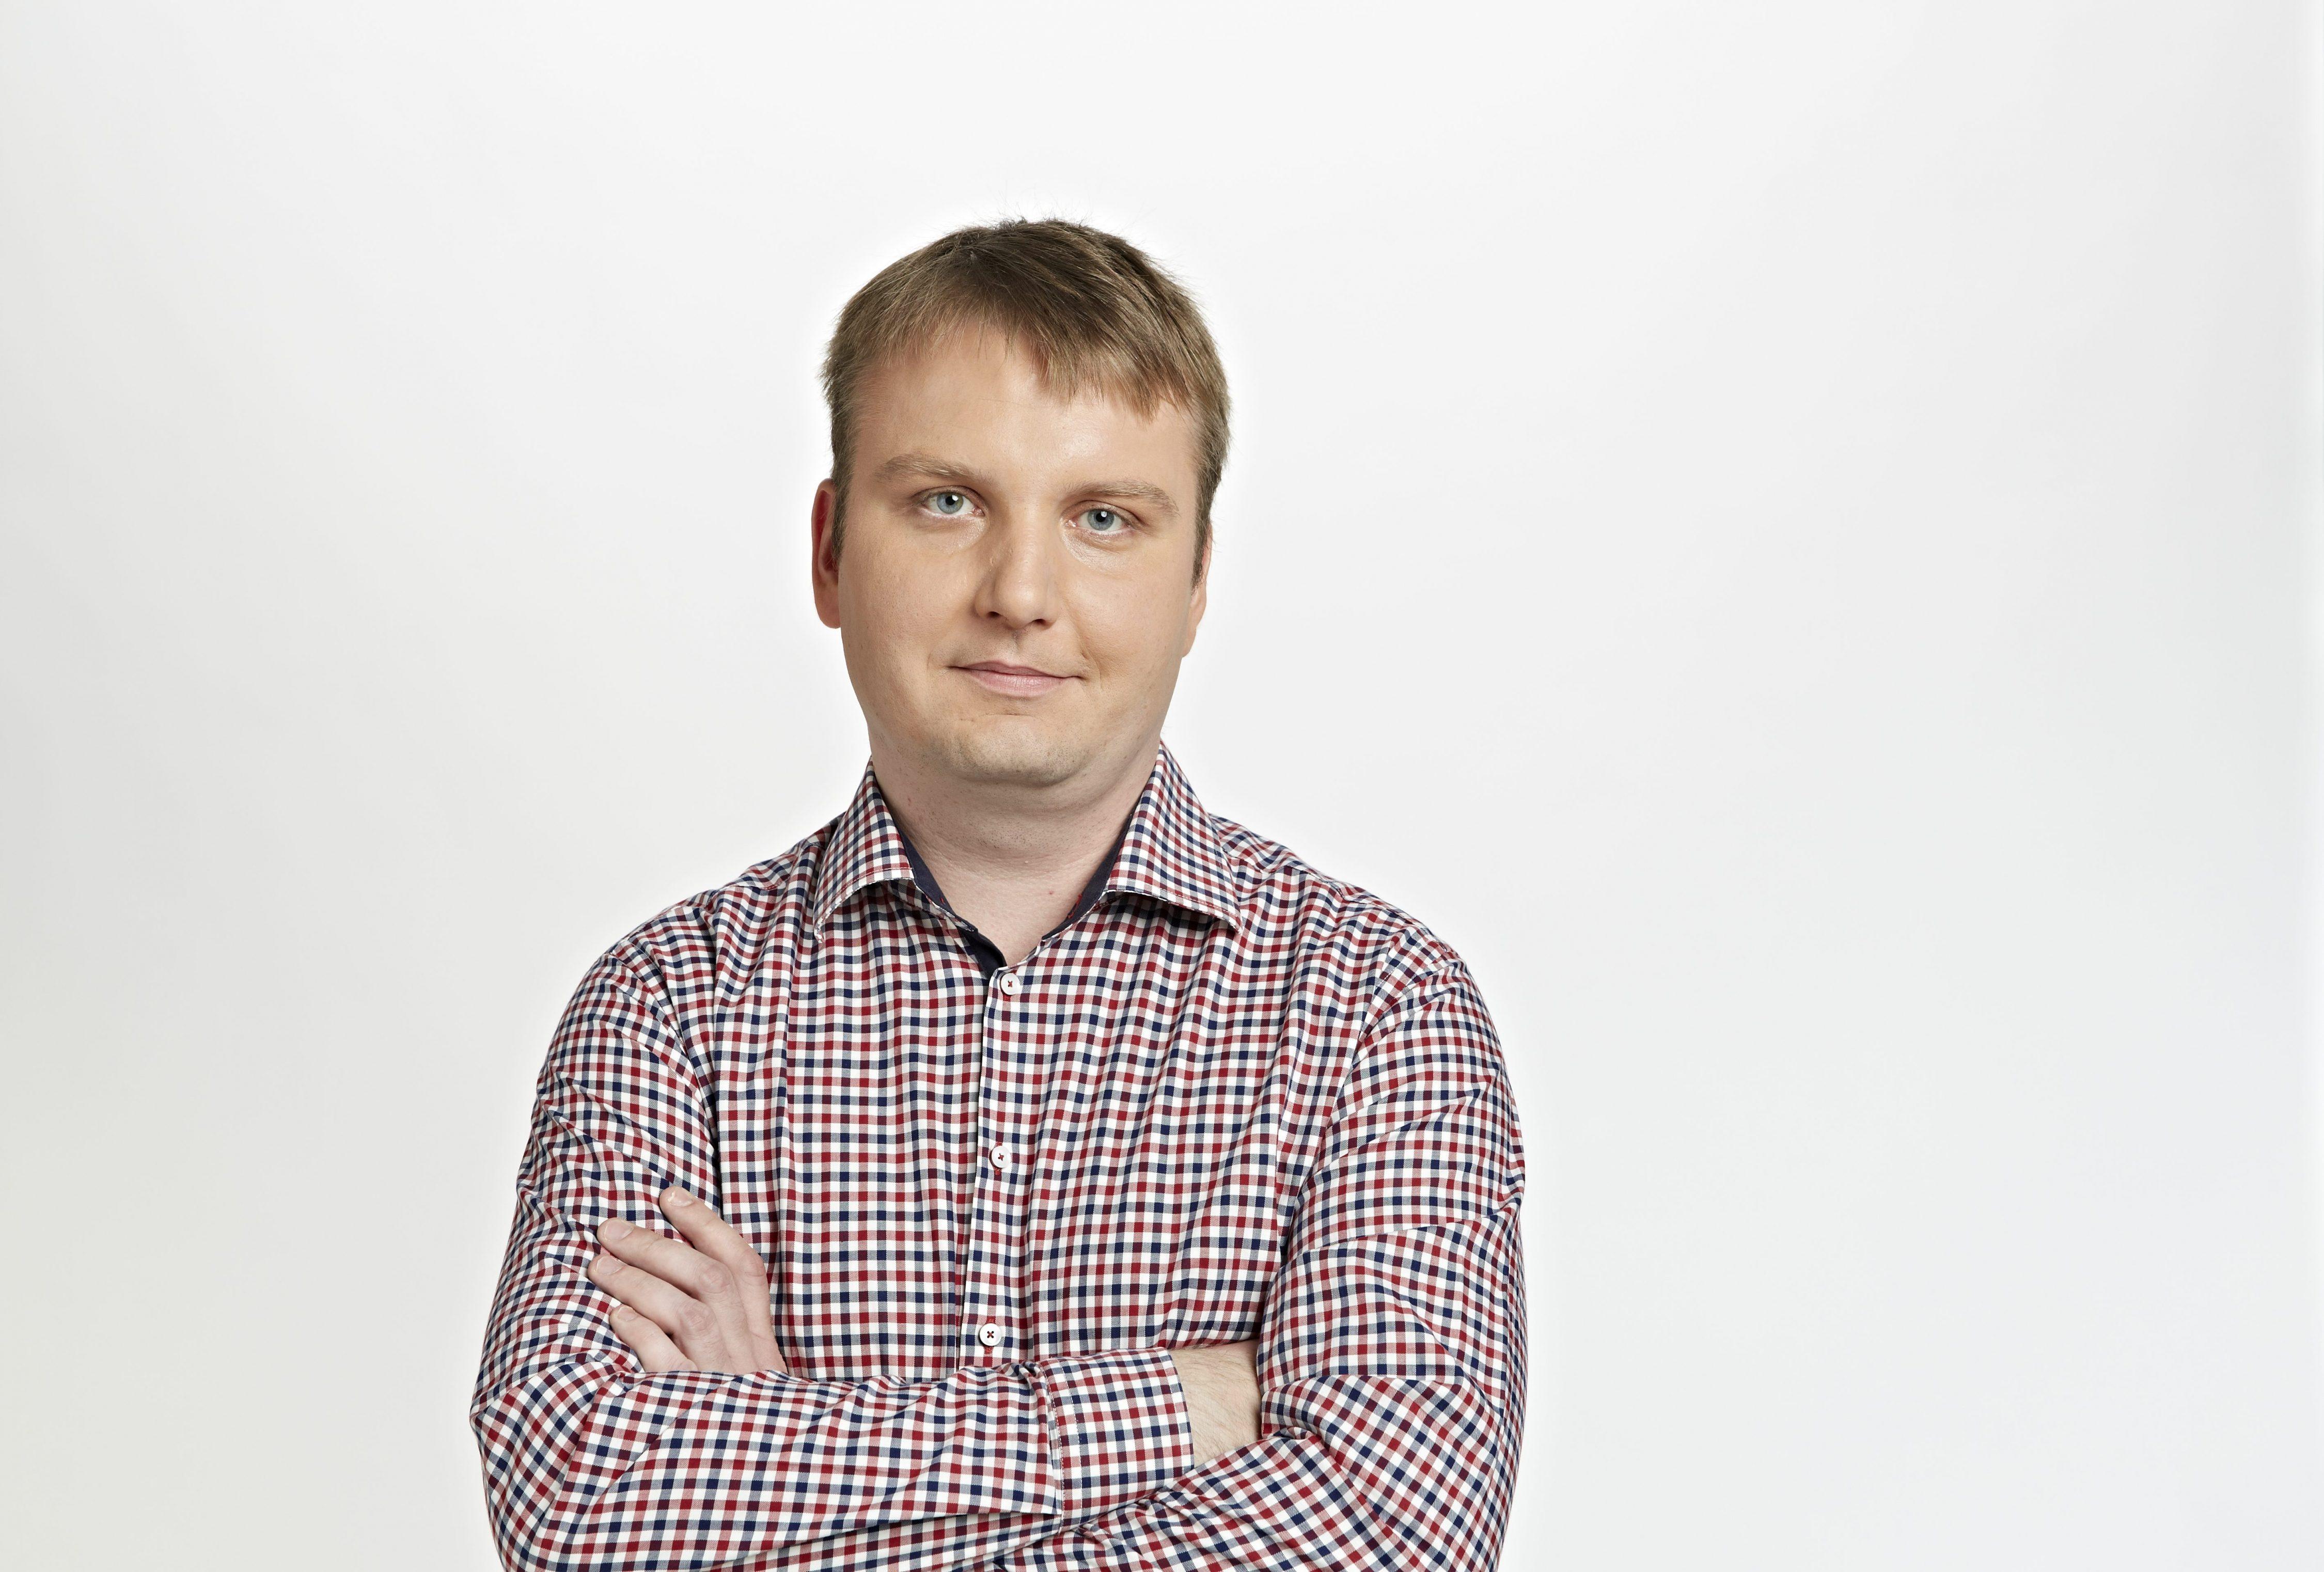 16.09.2014 Warszawa . Dziennikarz Gazety Wyborczej Michal Kokot . Fot. Pawel Kiszkiel / Agencja Gazeta